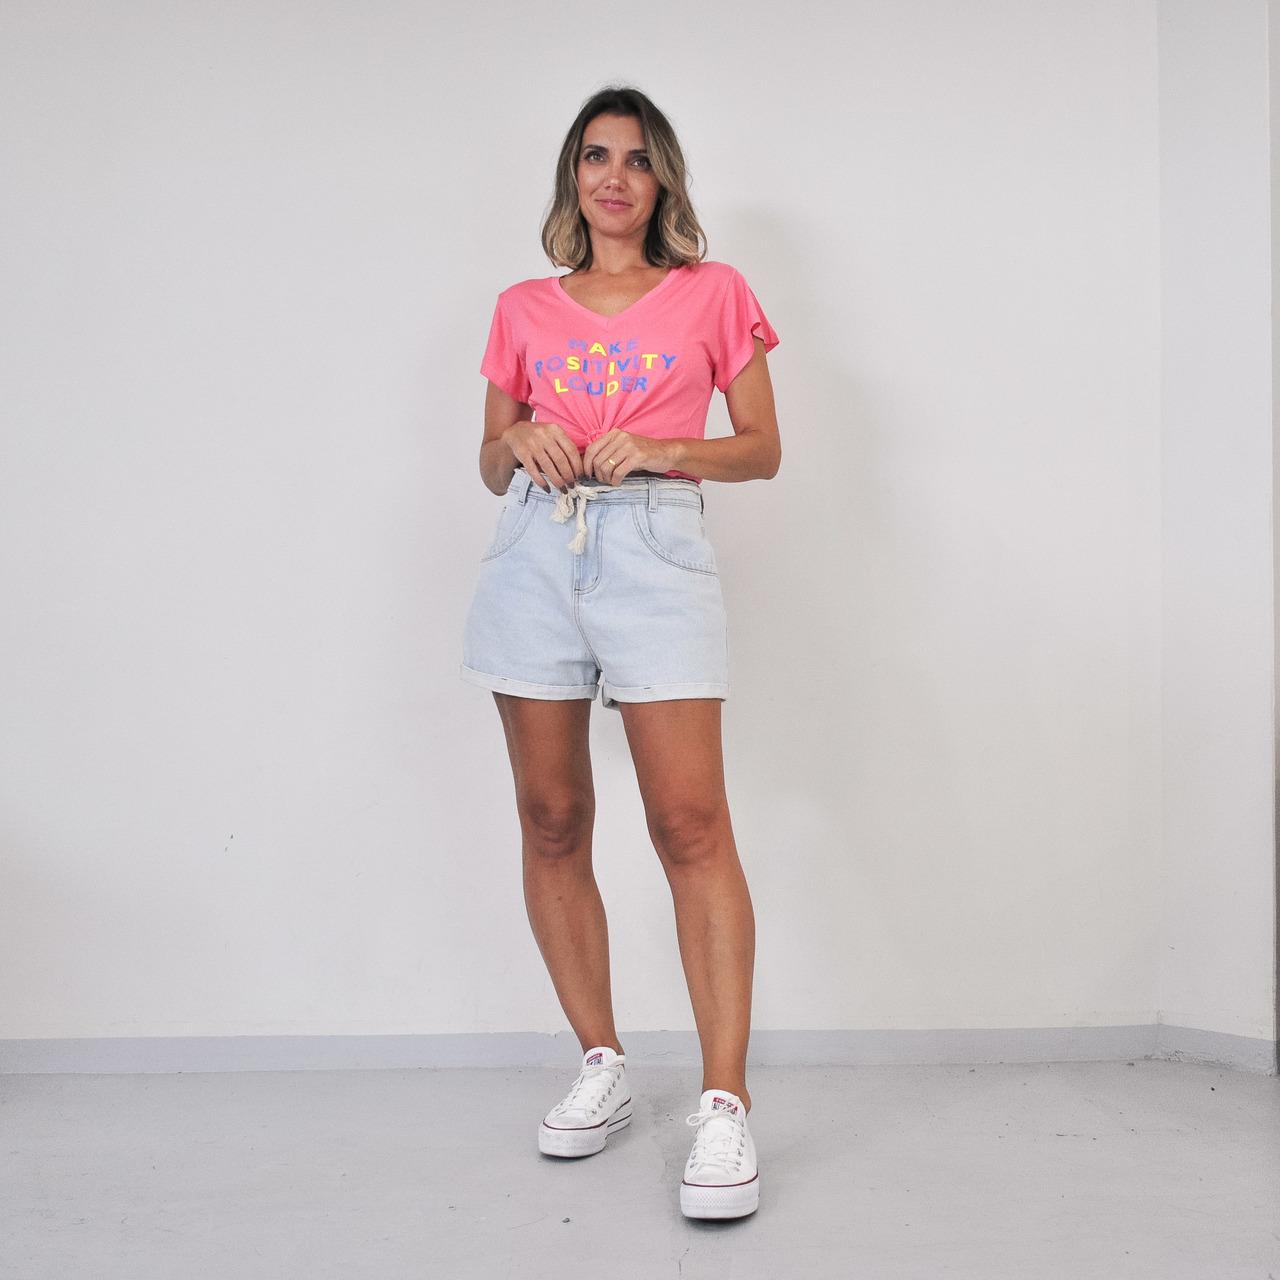 T-Shirt Viscolycra Gola V - Make Positiv - Rosê